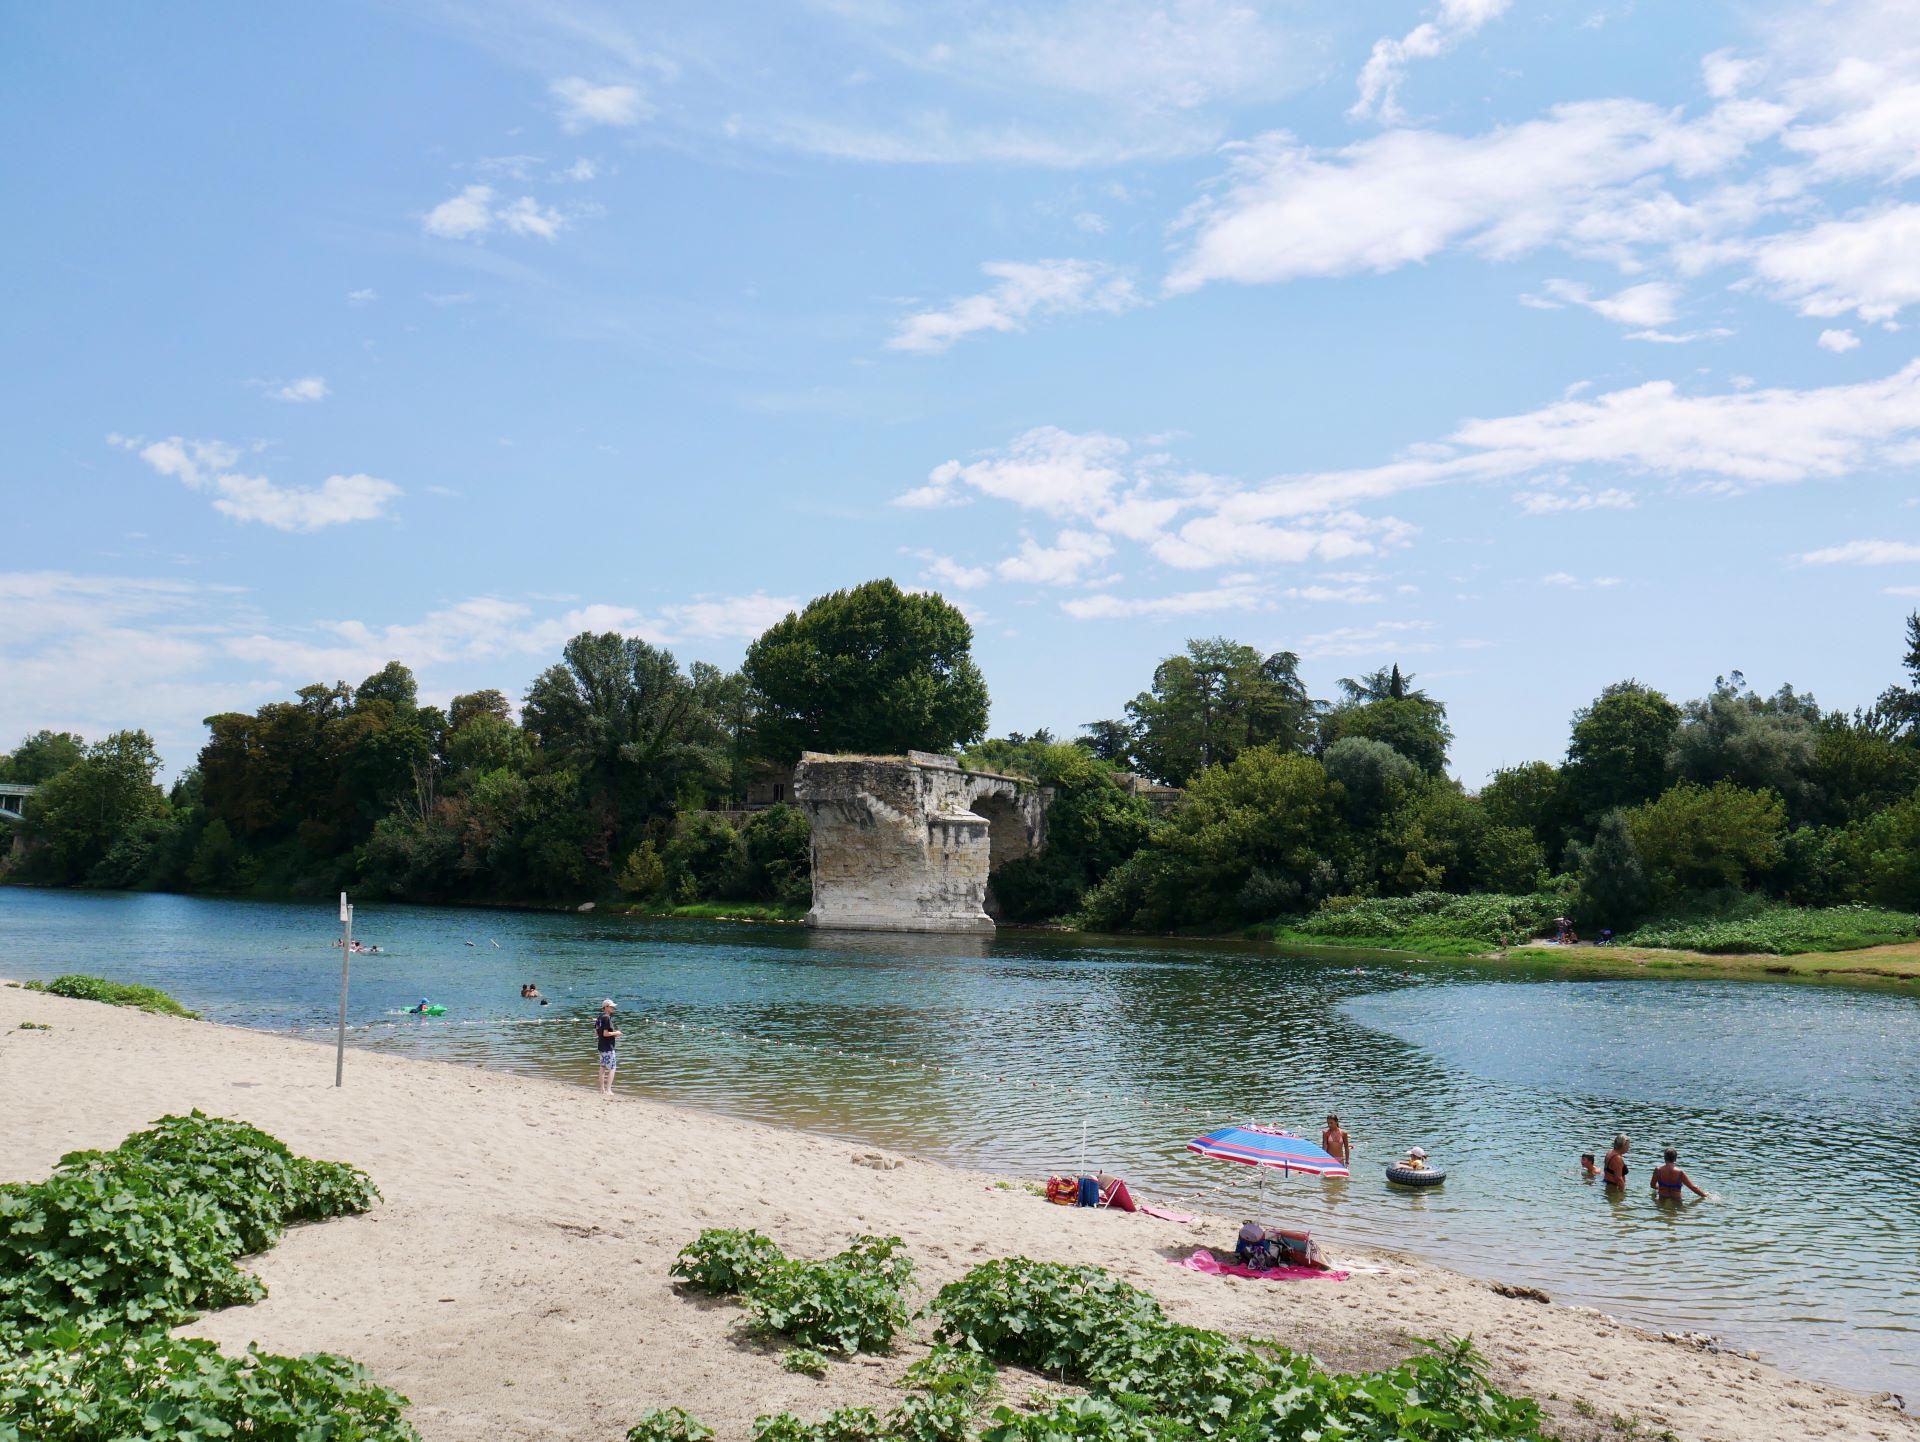 Baignade en Ardèche : plage du pont cassé à Saint Just d'Ardèche